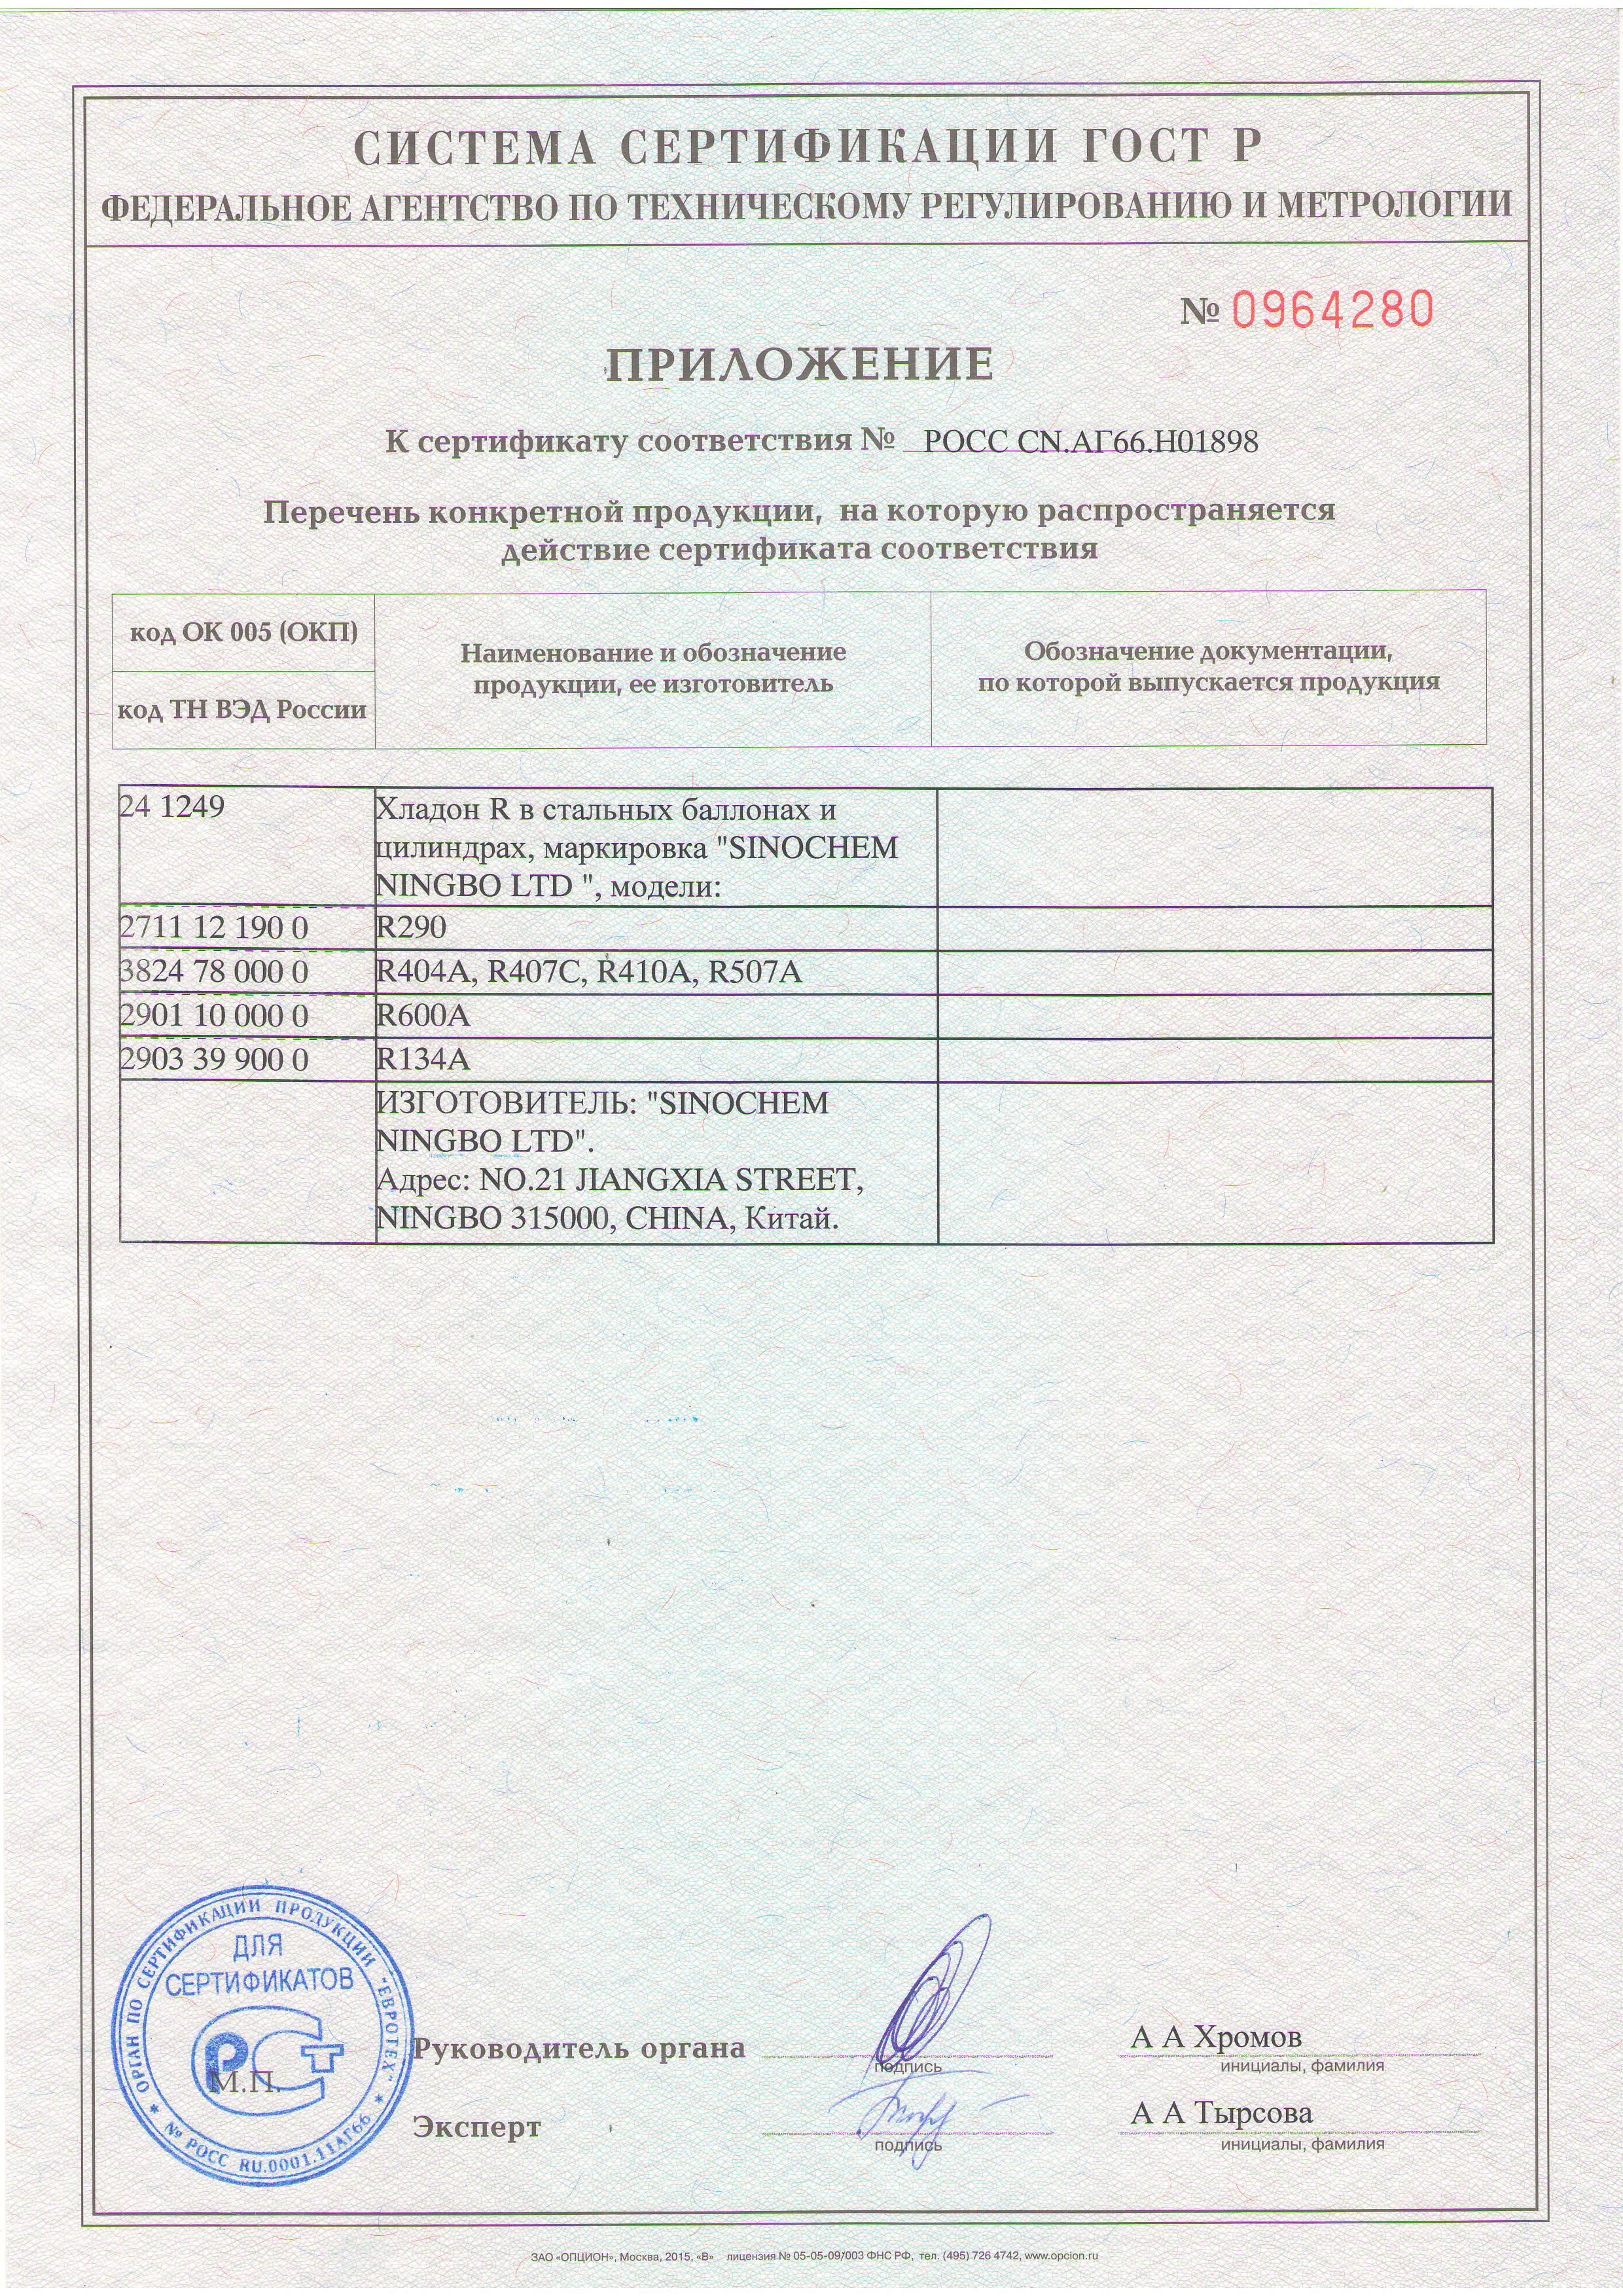 сертификат хладон